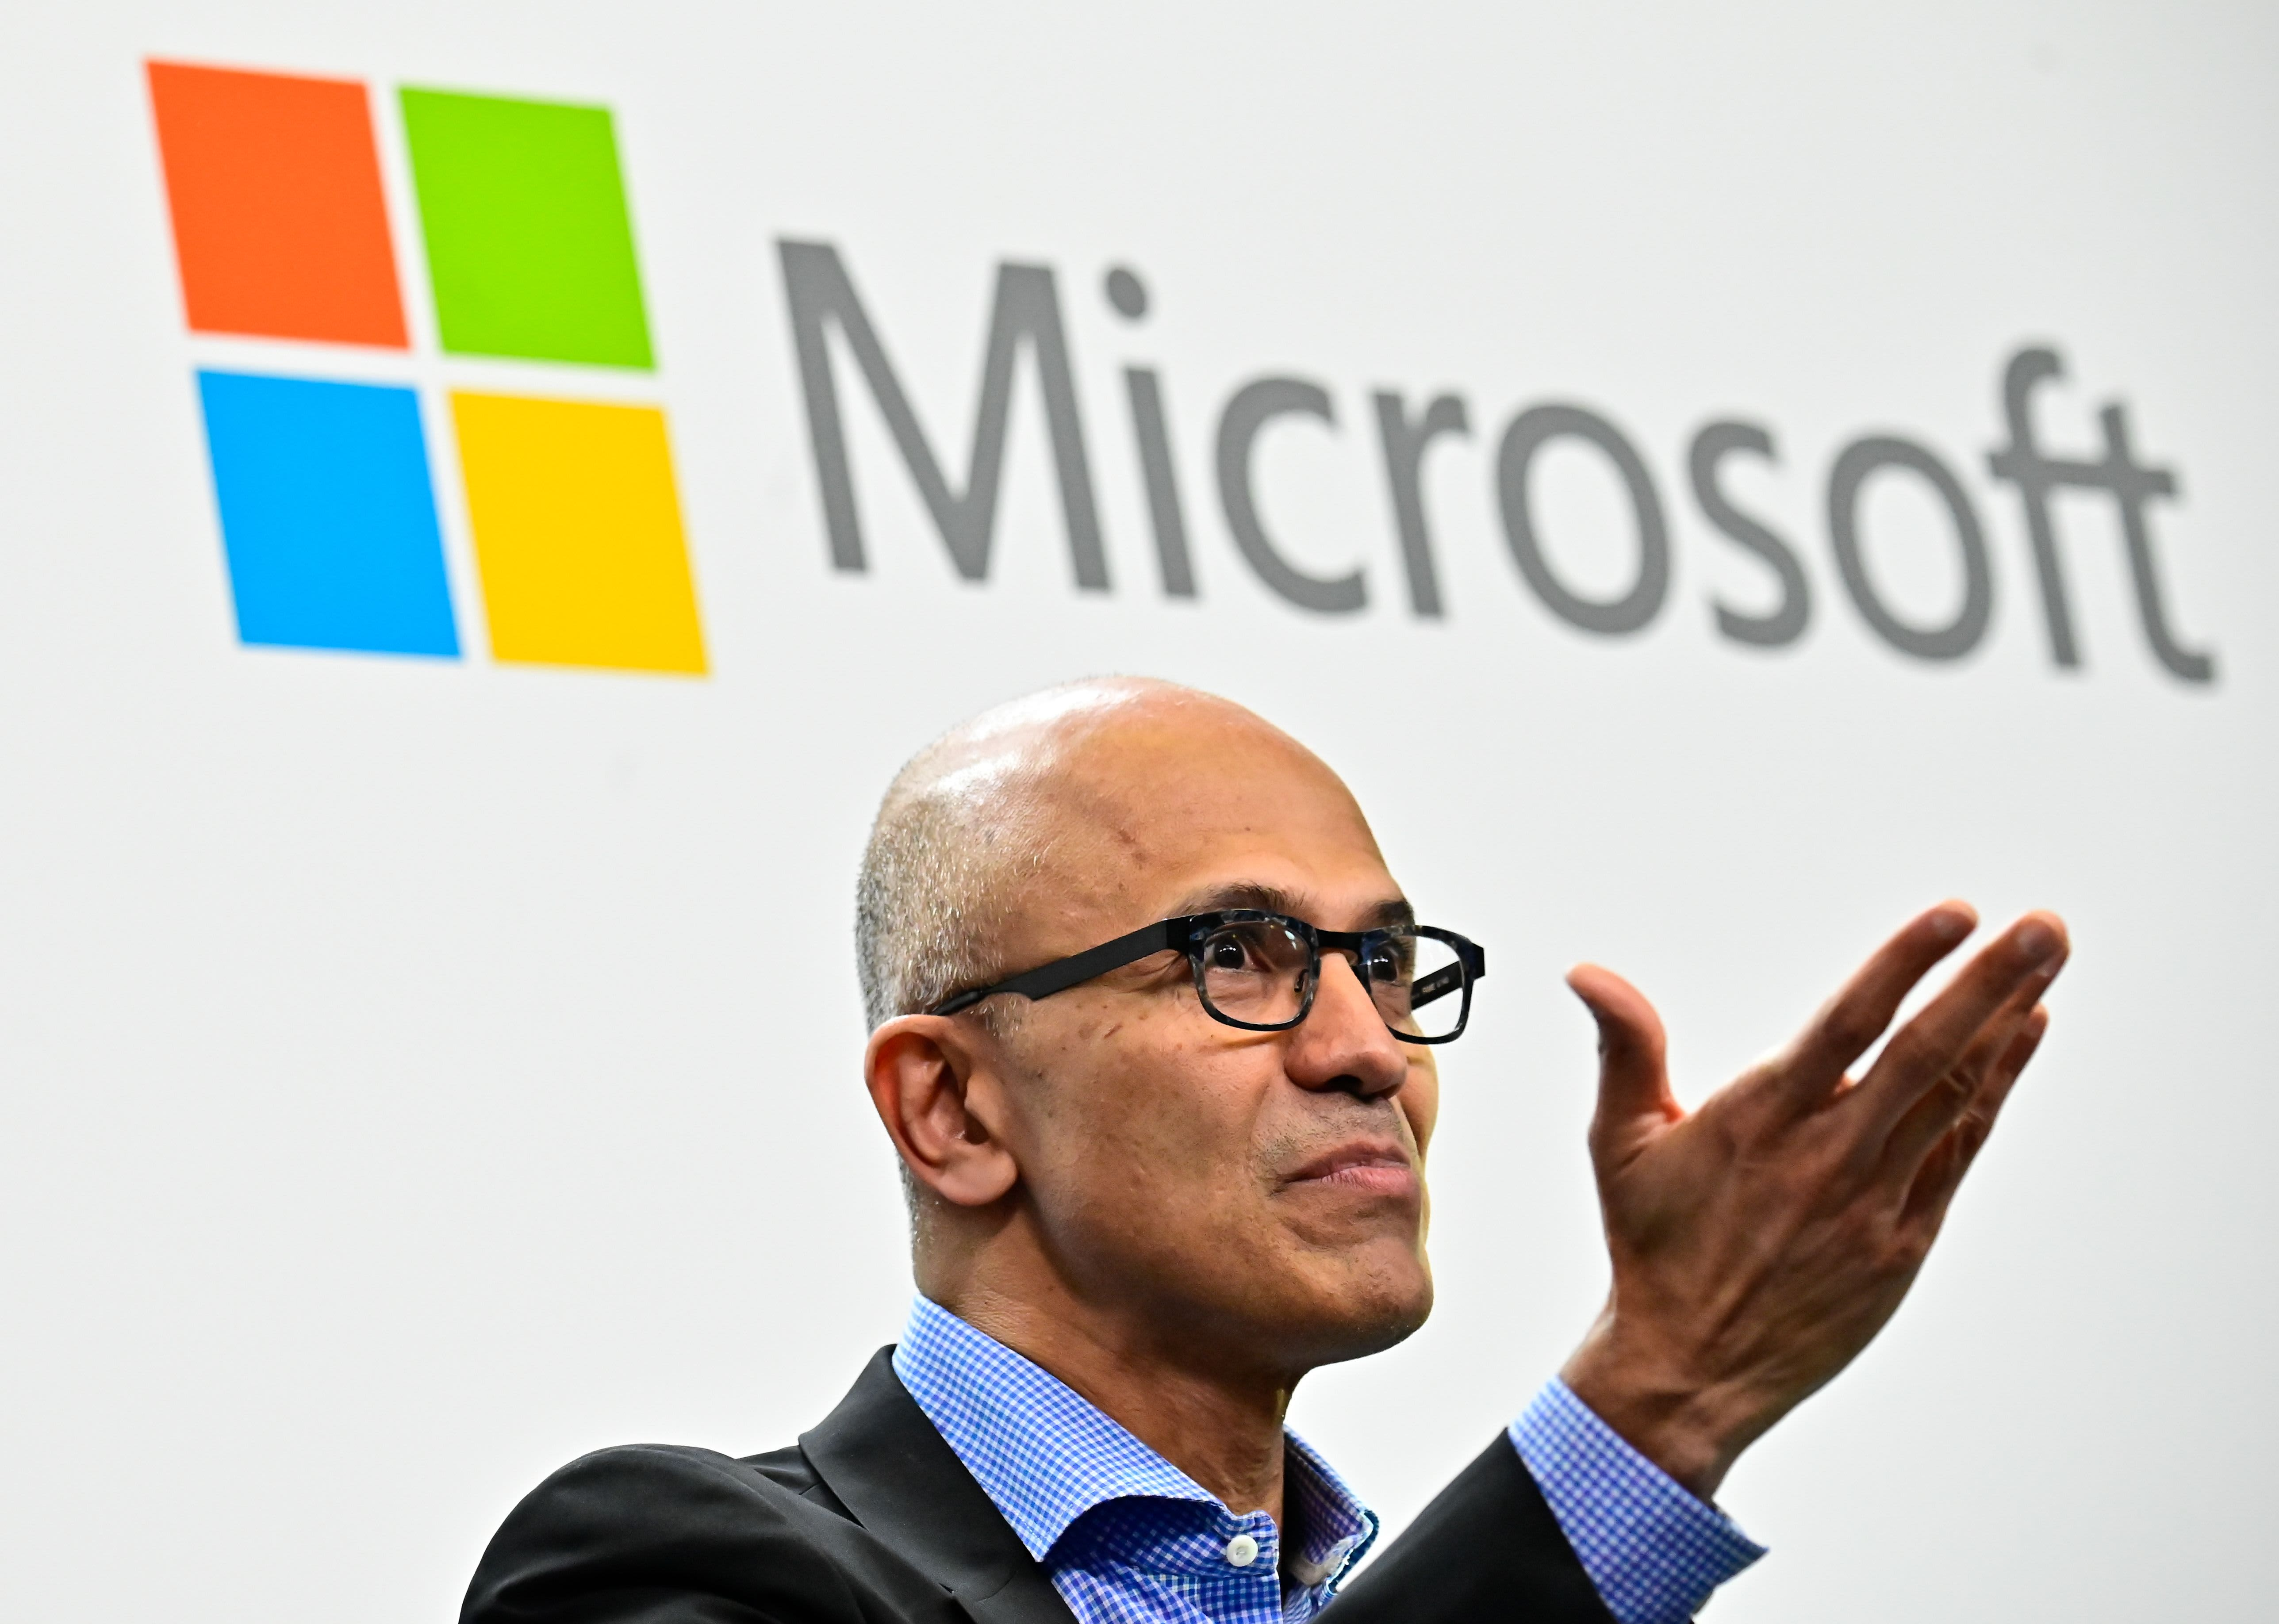 Microsoft CEO Satya Narayana Nadella.